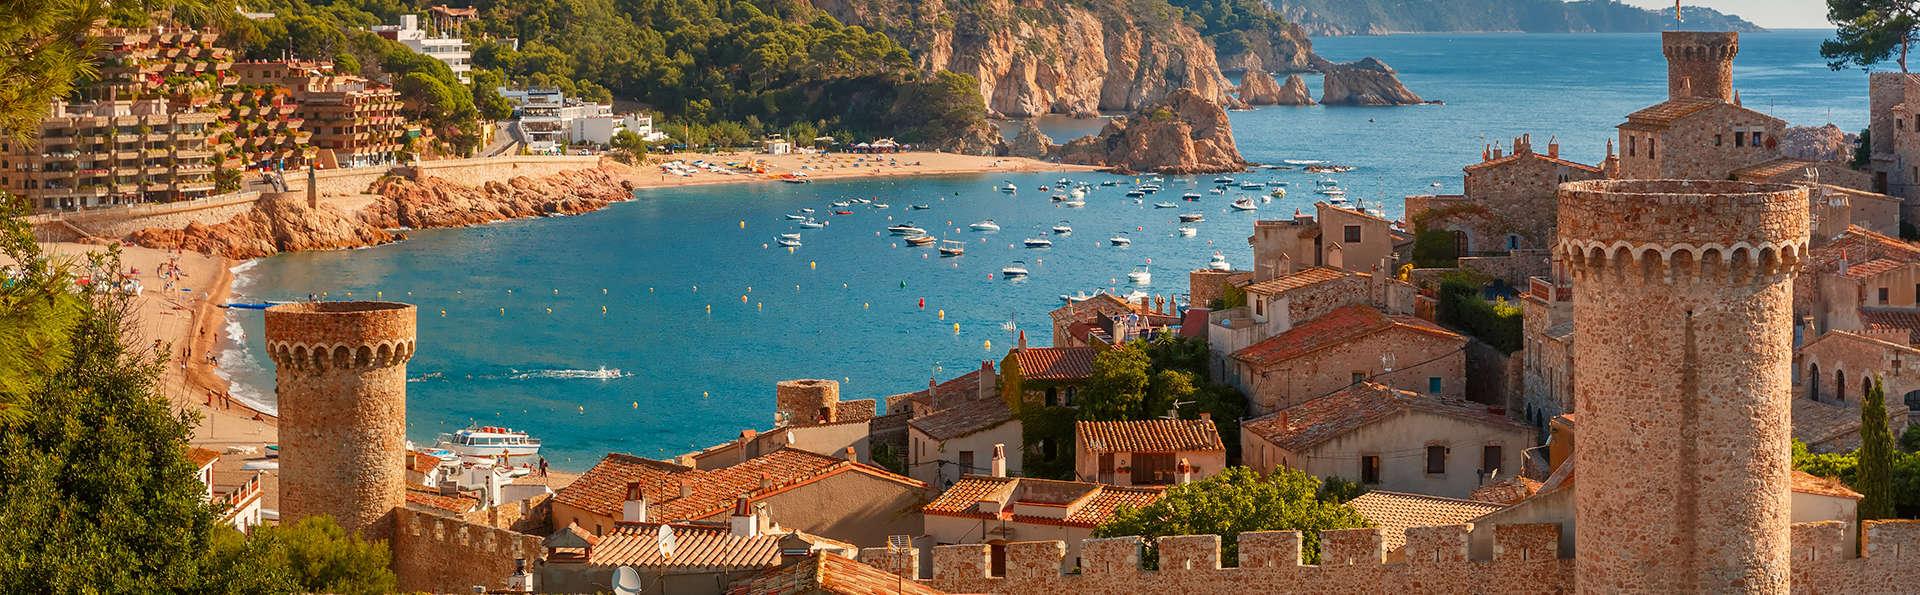 Vacances en famille ! Profitez de la Tossa de Mar avec séjour enfant inclus et formule demi-pension